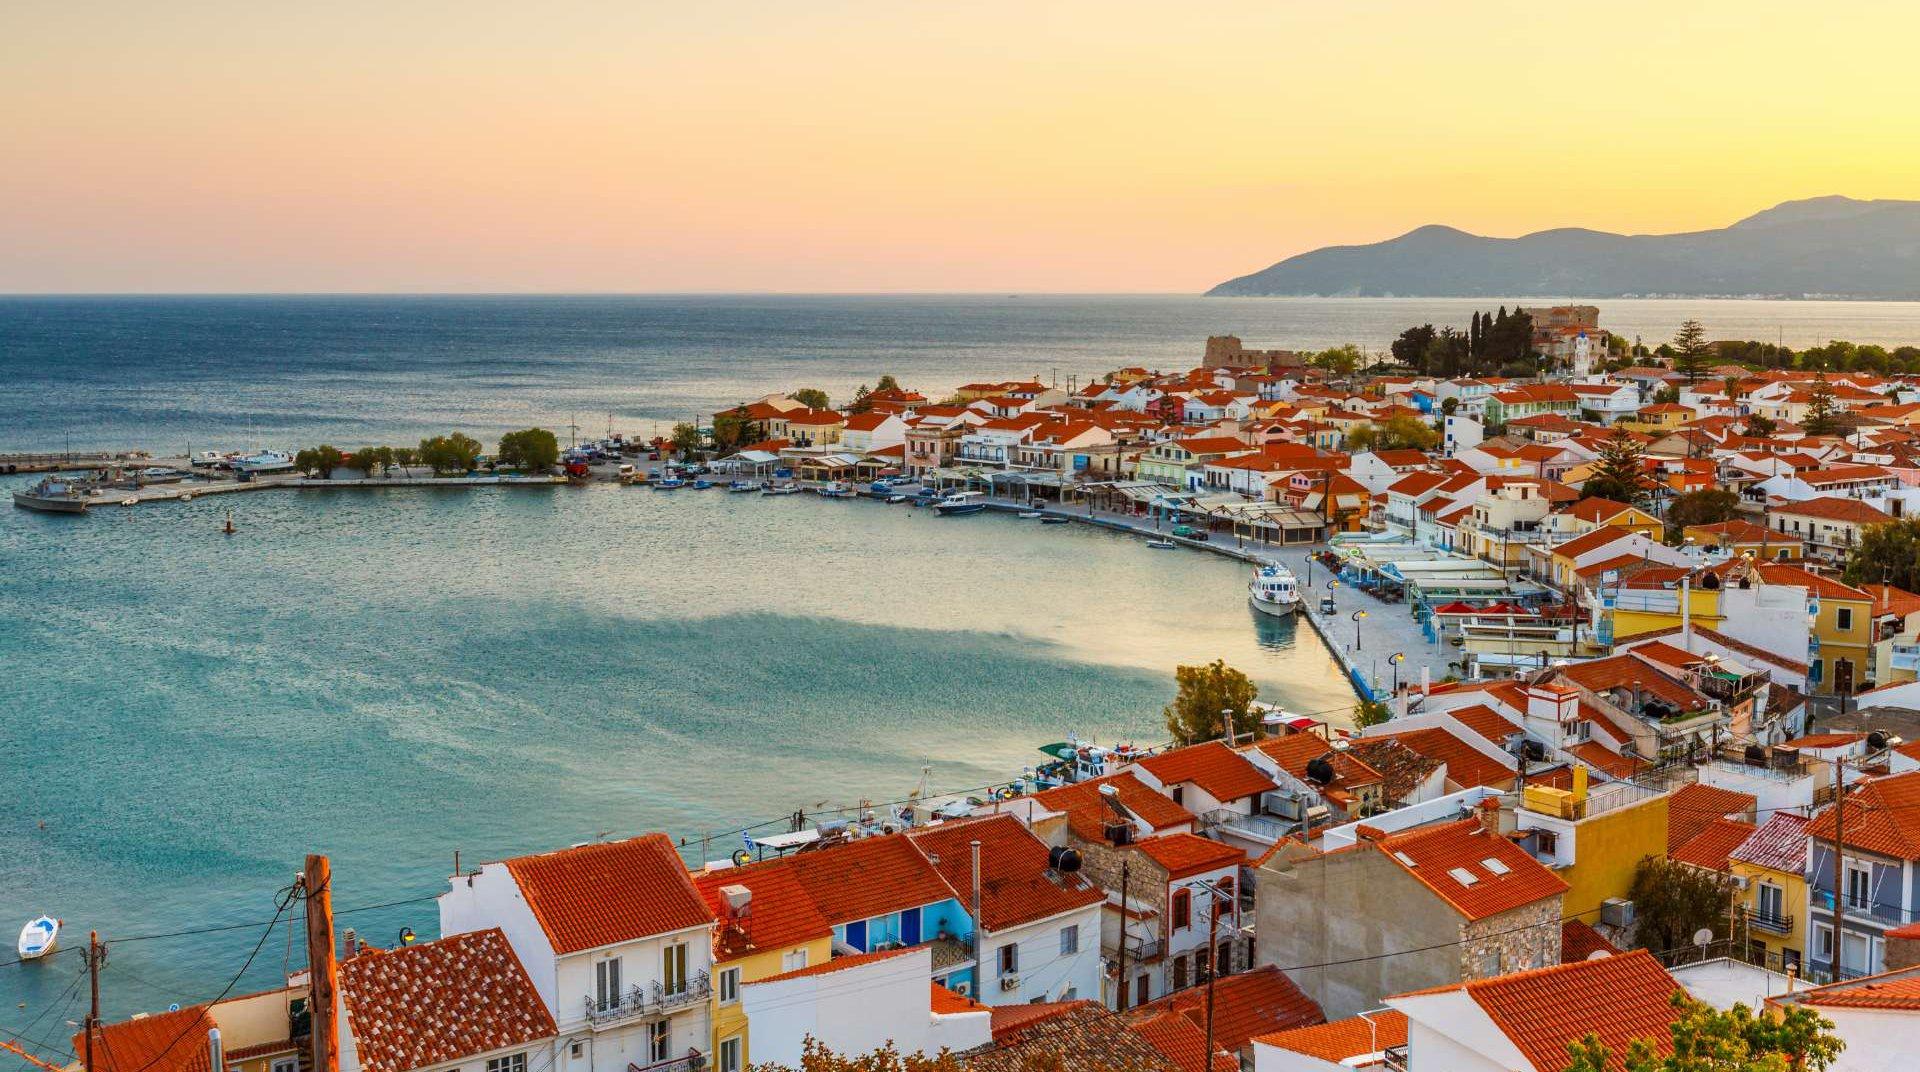 Marina of Samos